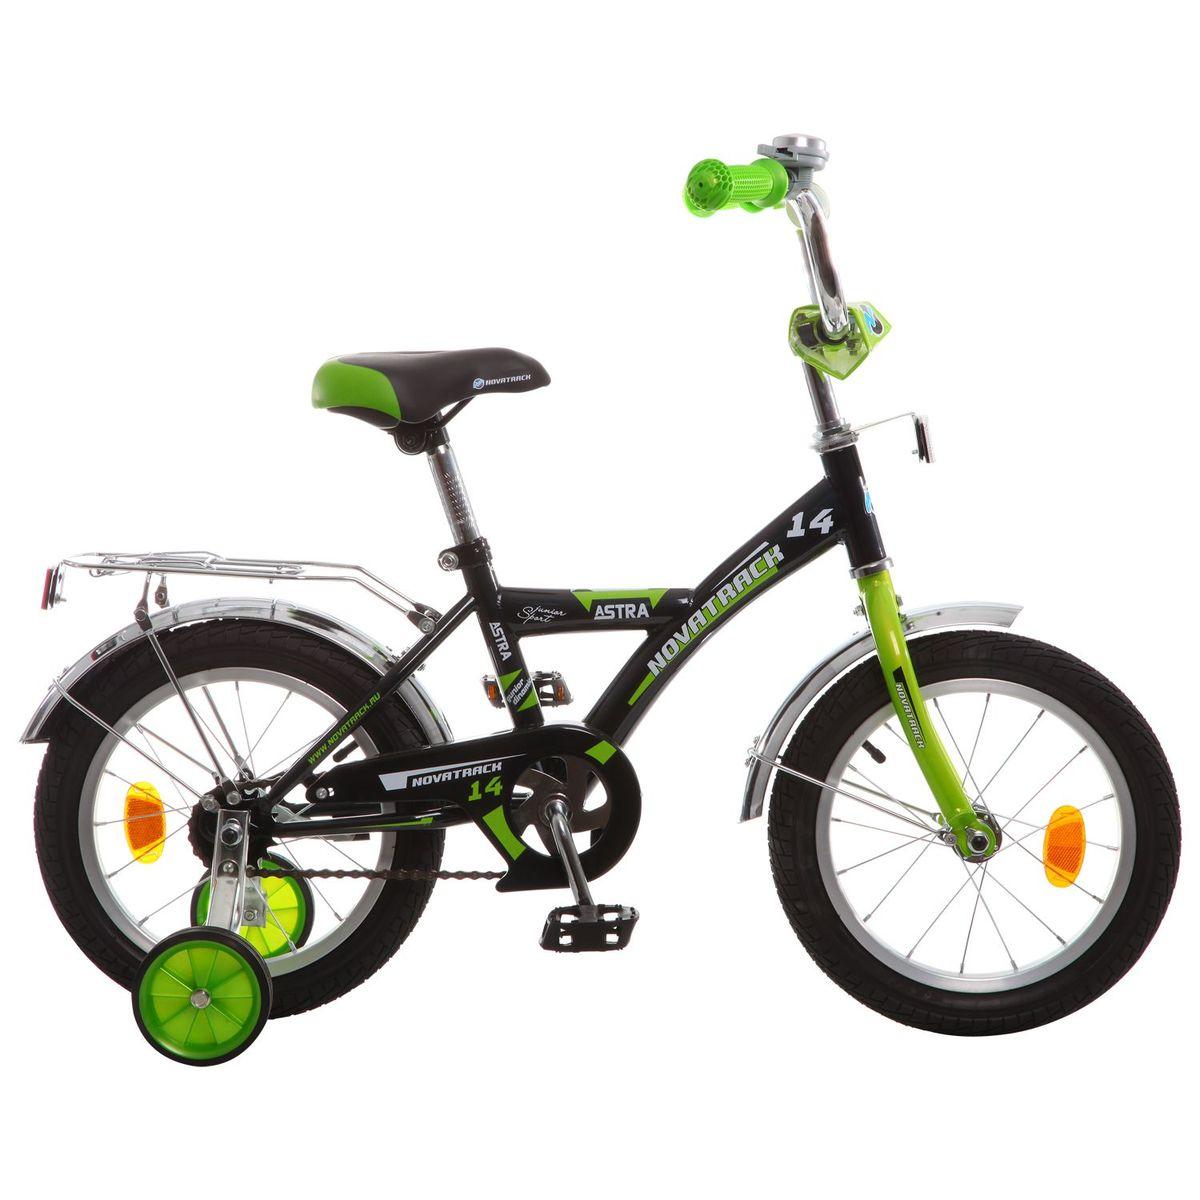 Велосипед детский Novatrack Astra, цвет: черный, зеленый, 14 детский велосипед novatrack 14 astra blue 143bl5